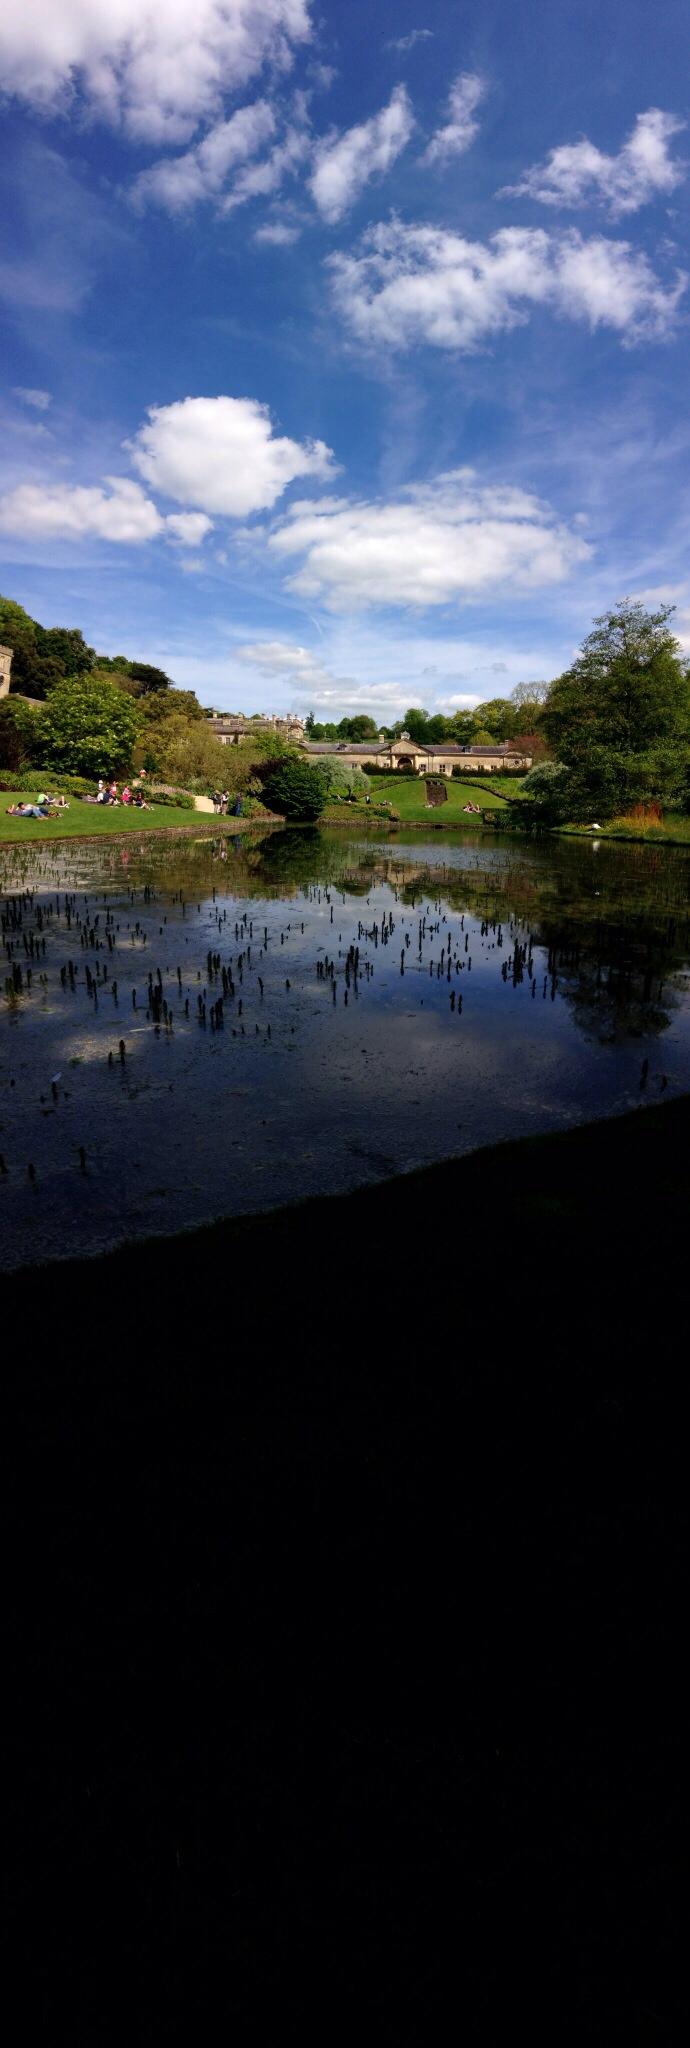 Dyrham Park, England